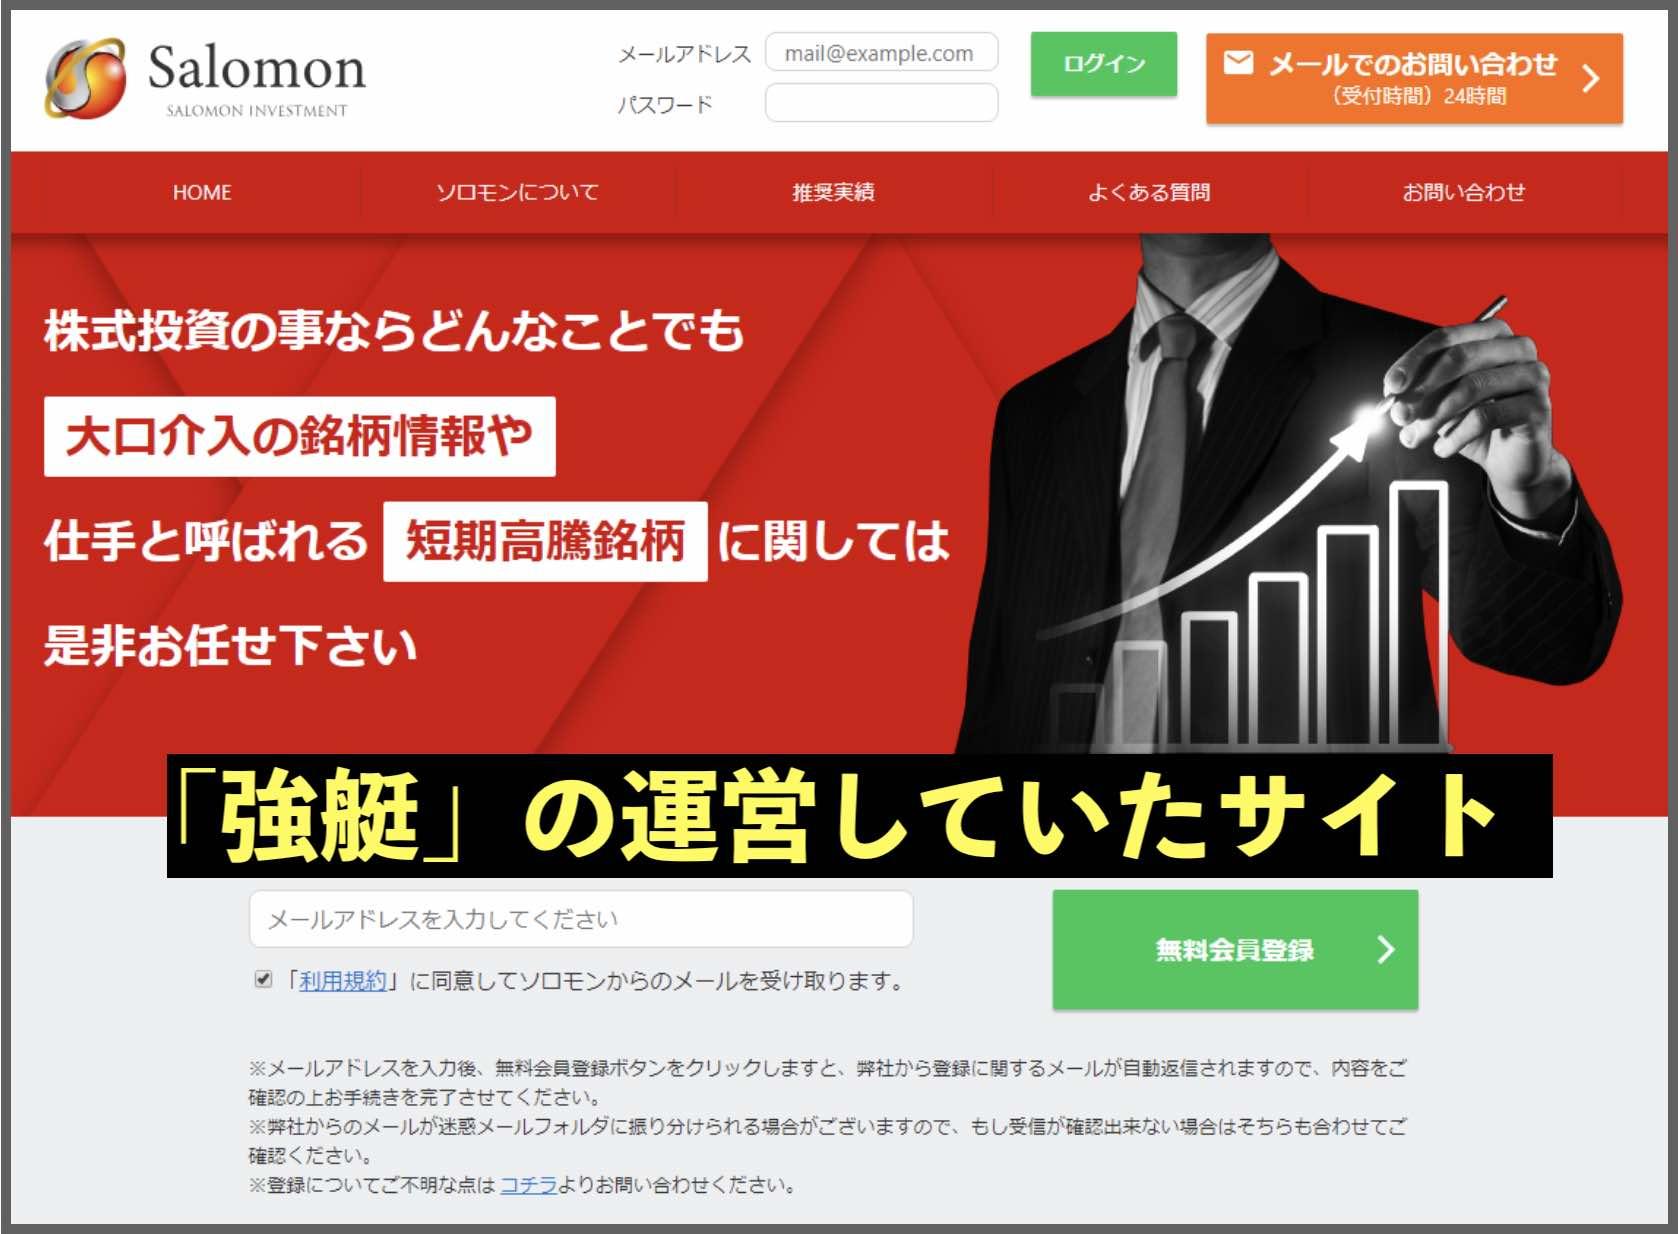 強艇という競艇予想サイトの運営会社は元・株予想サイトを運営を運営していた